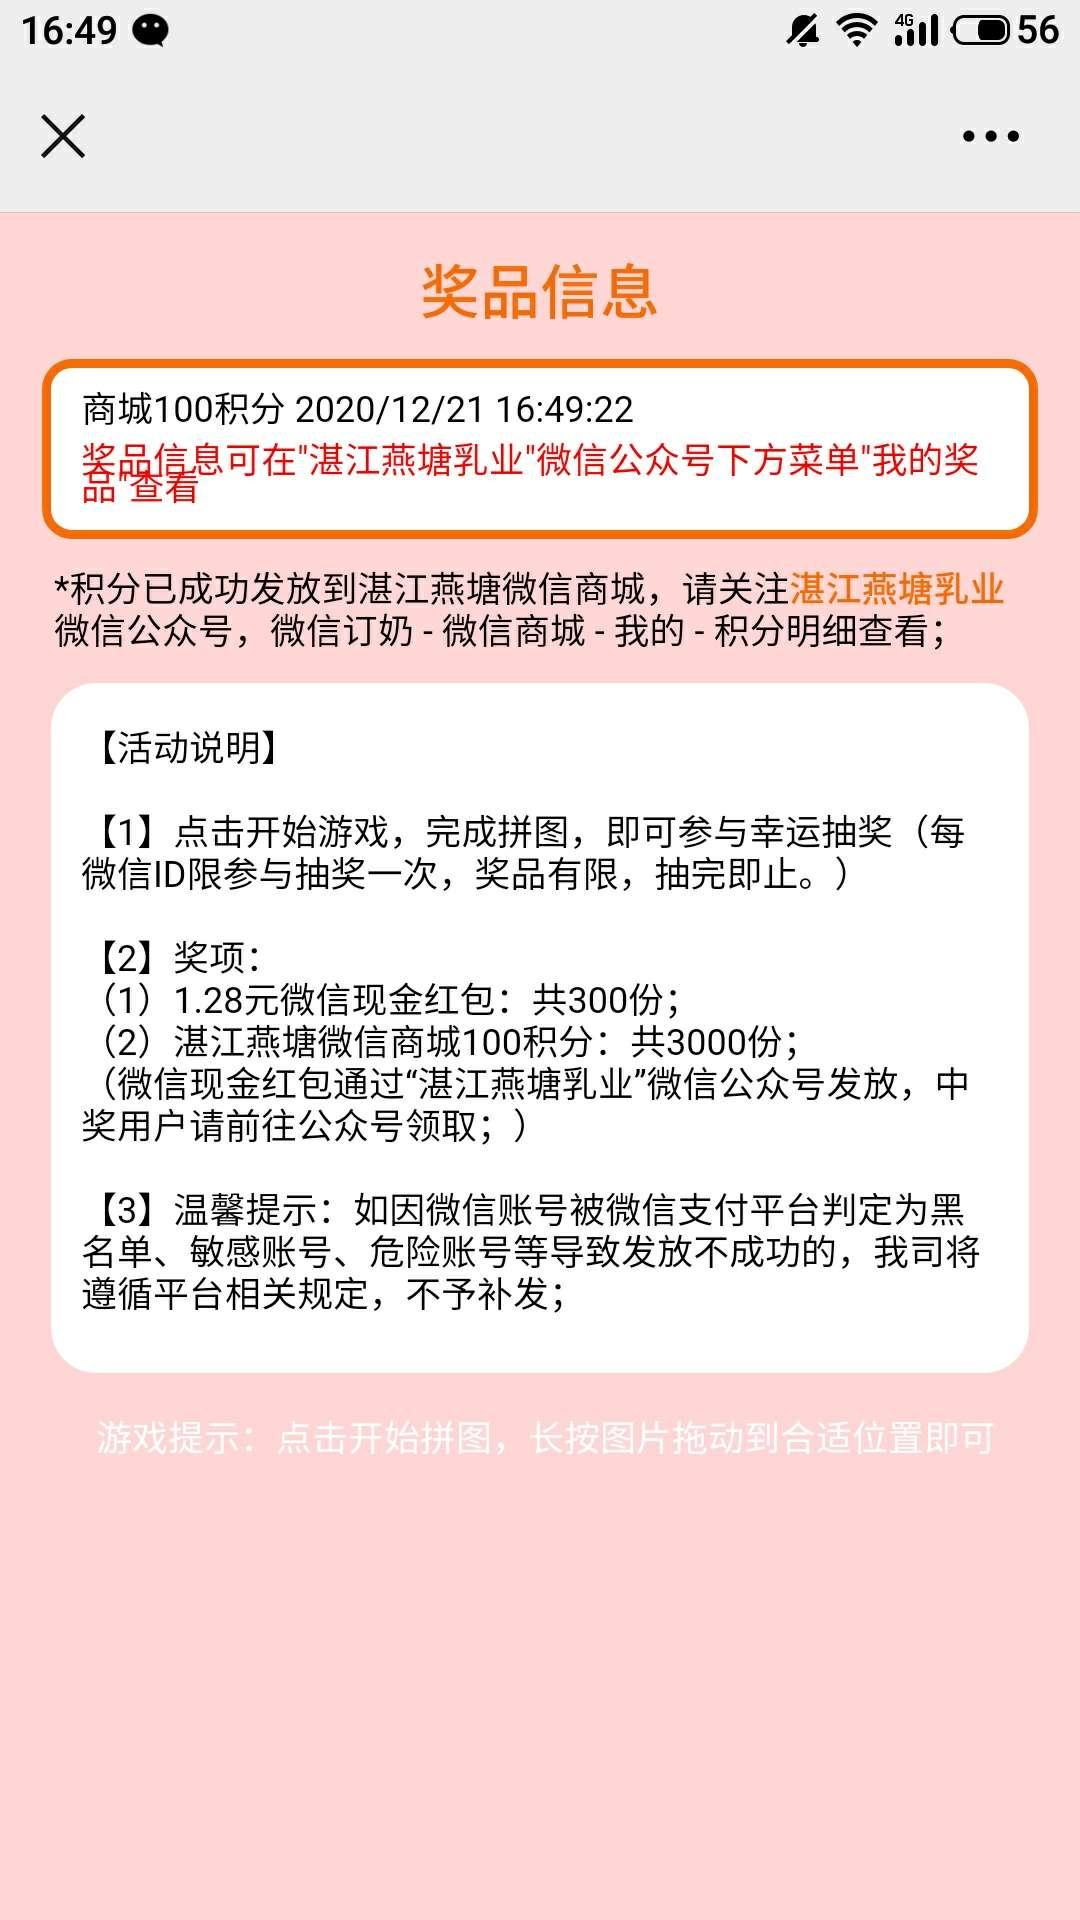 图片[1]-湛江燕塘乳业拼图抽红包-老友薅羊毛活动线报网